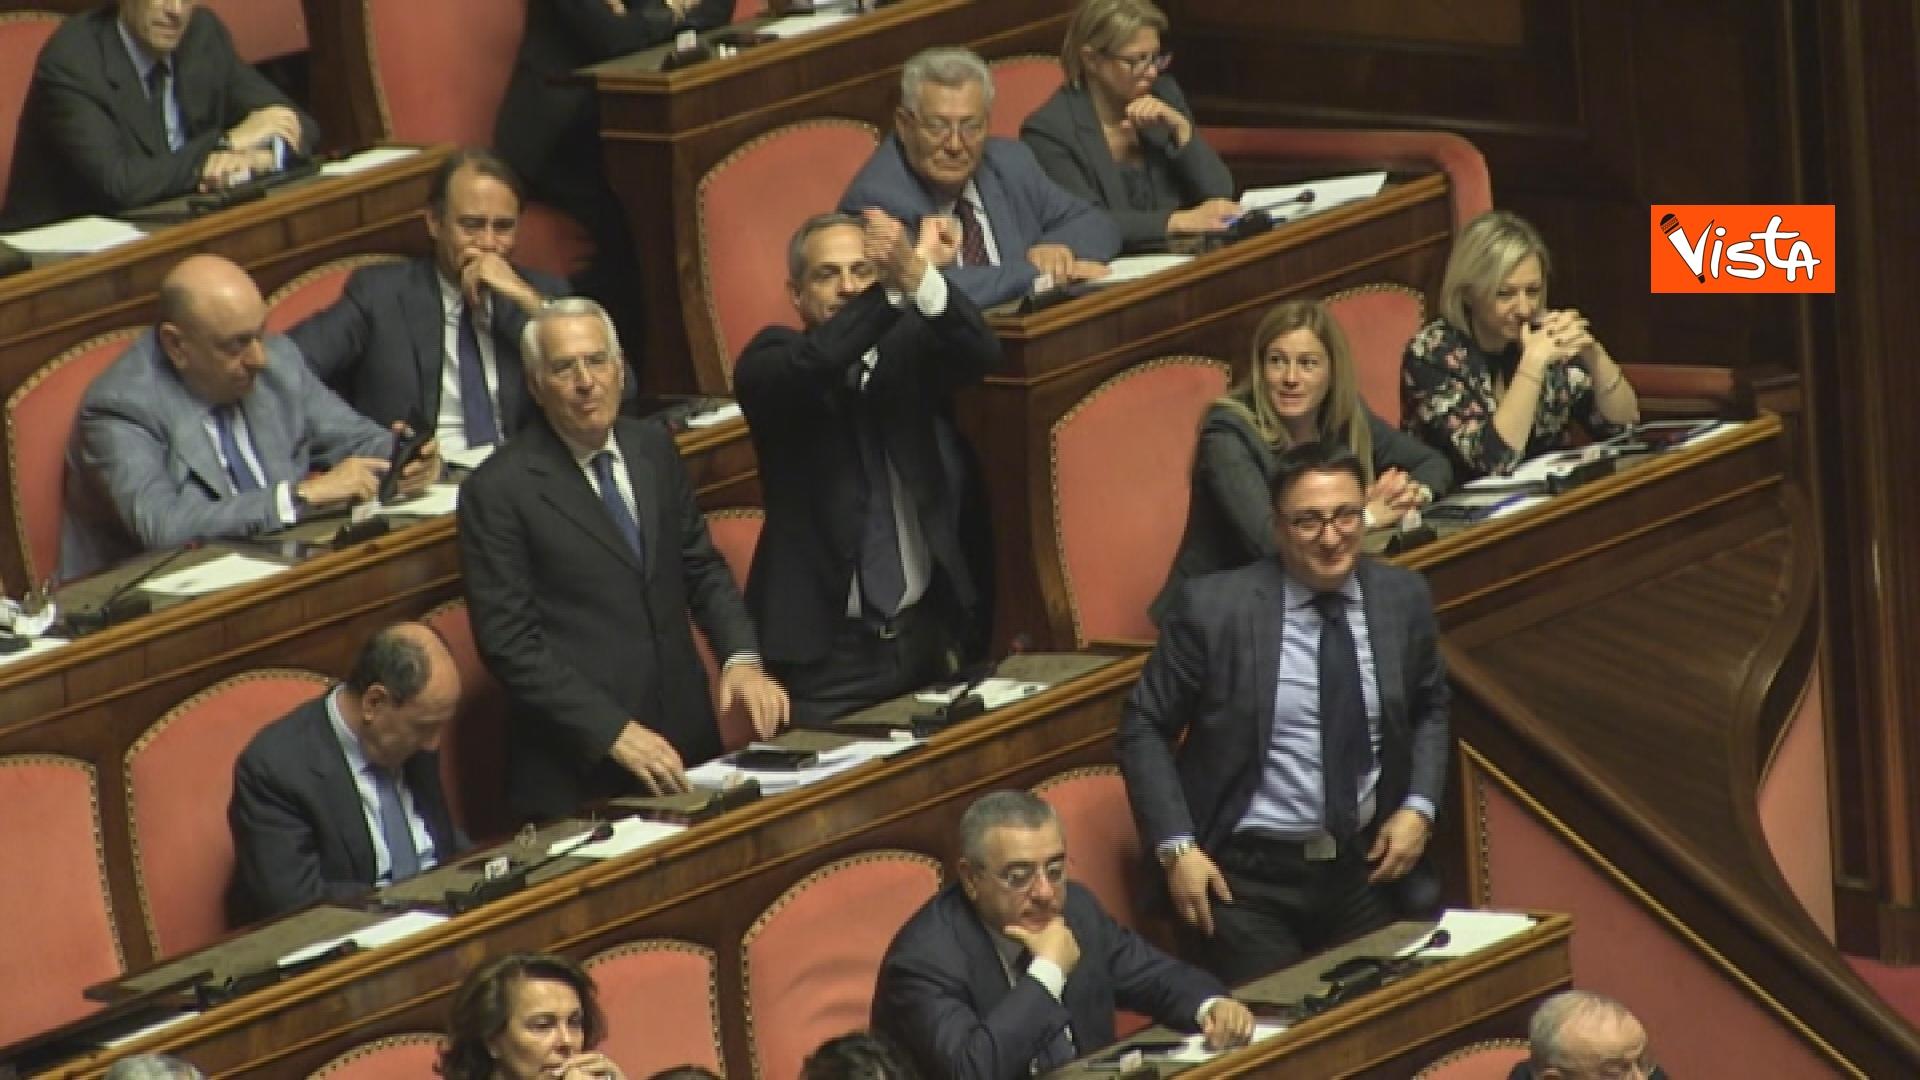 21-03-19 Mozione sfiducia per Toninelli al Senato le immagini dell Aula_il gesto delle manette del senatore di FI 03